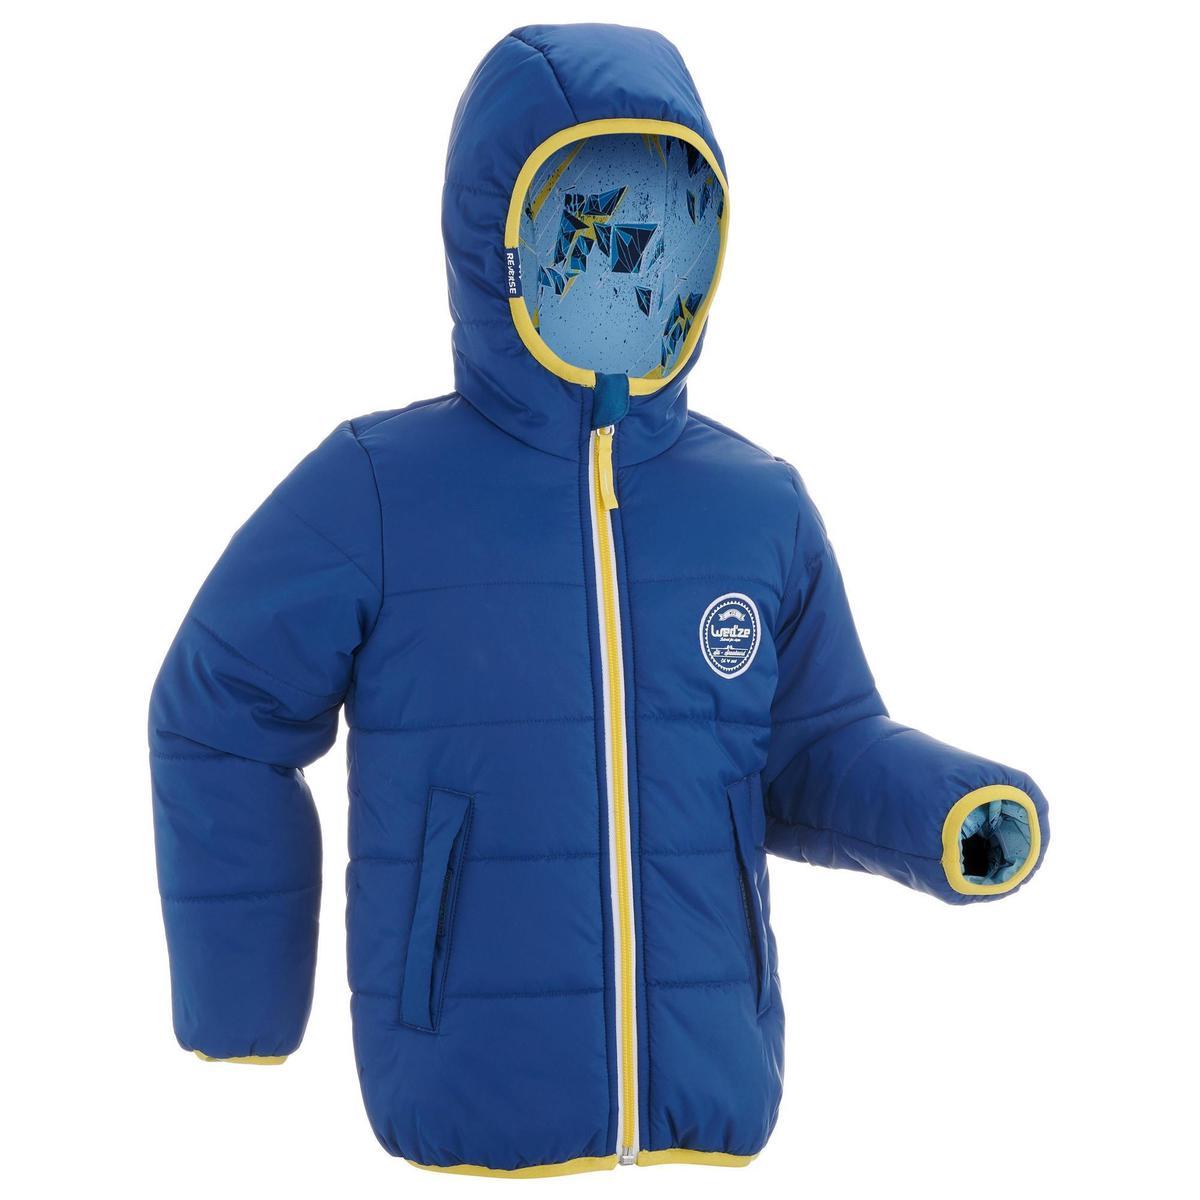 Bild 2 von Skijacke Piste100 warm wendbar Kleinkinder blau